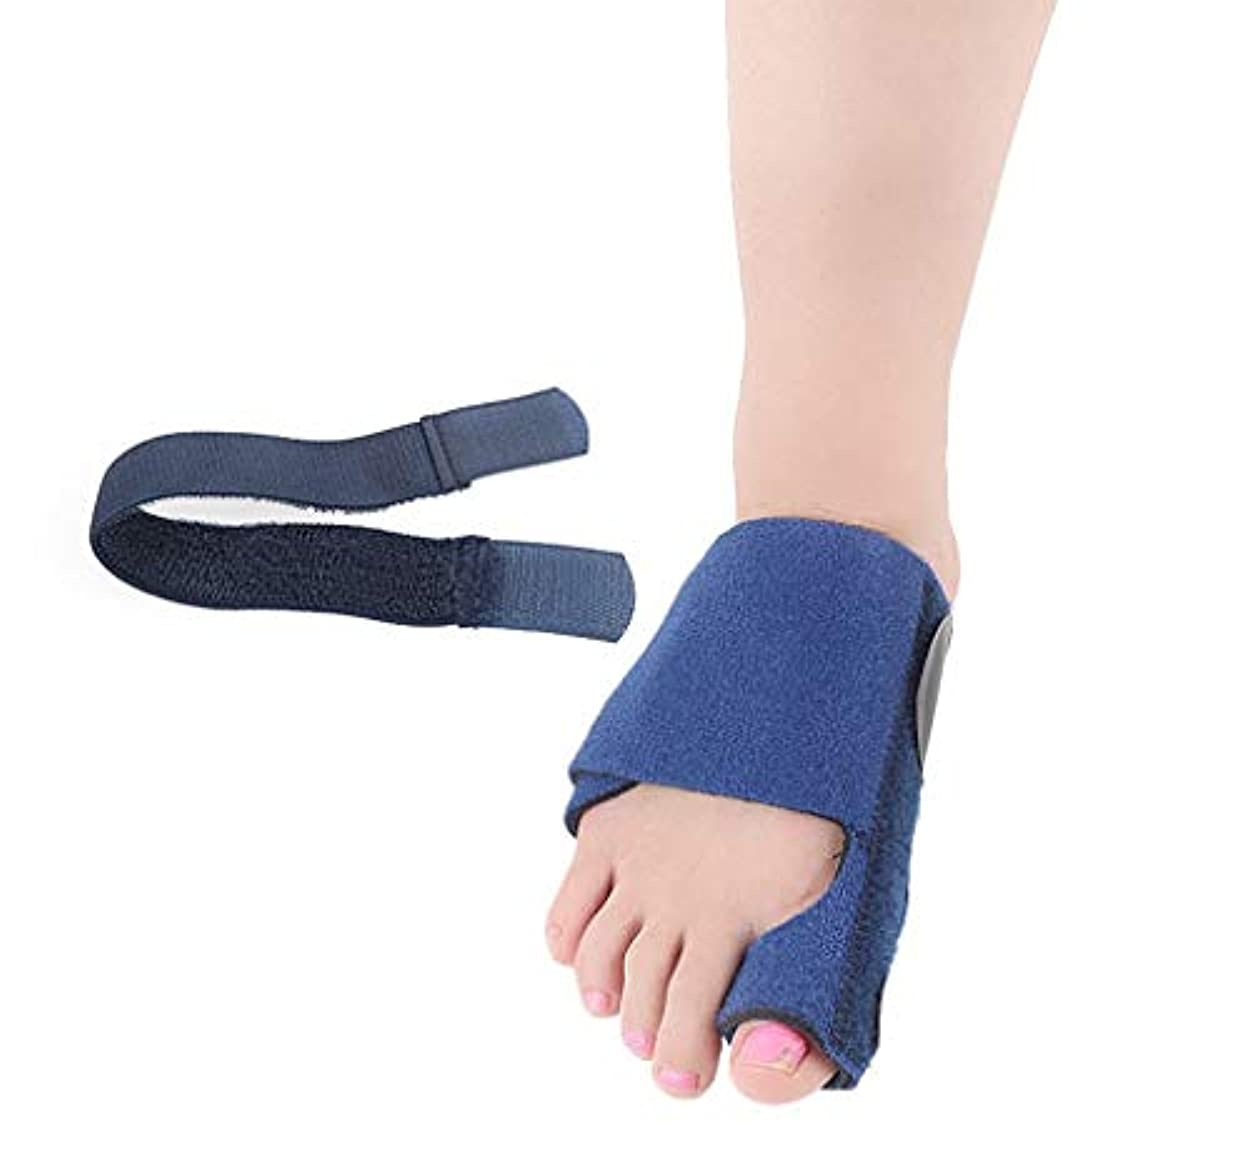 軽減する助けて雄弁なバニオンコレクター  - 整形外科用足首矯正ビッグトゥストレートナー - 外反母趾パッド用副木ブレース、関節痛の緩和、アライメント治療 - 整形外科用スリーブフットラップ